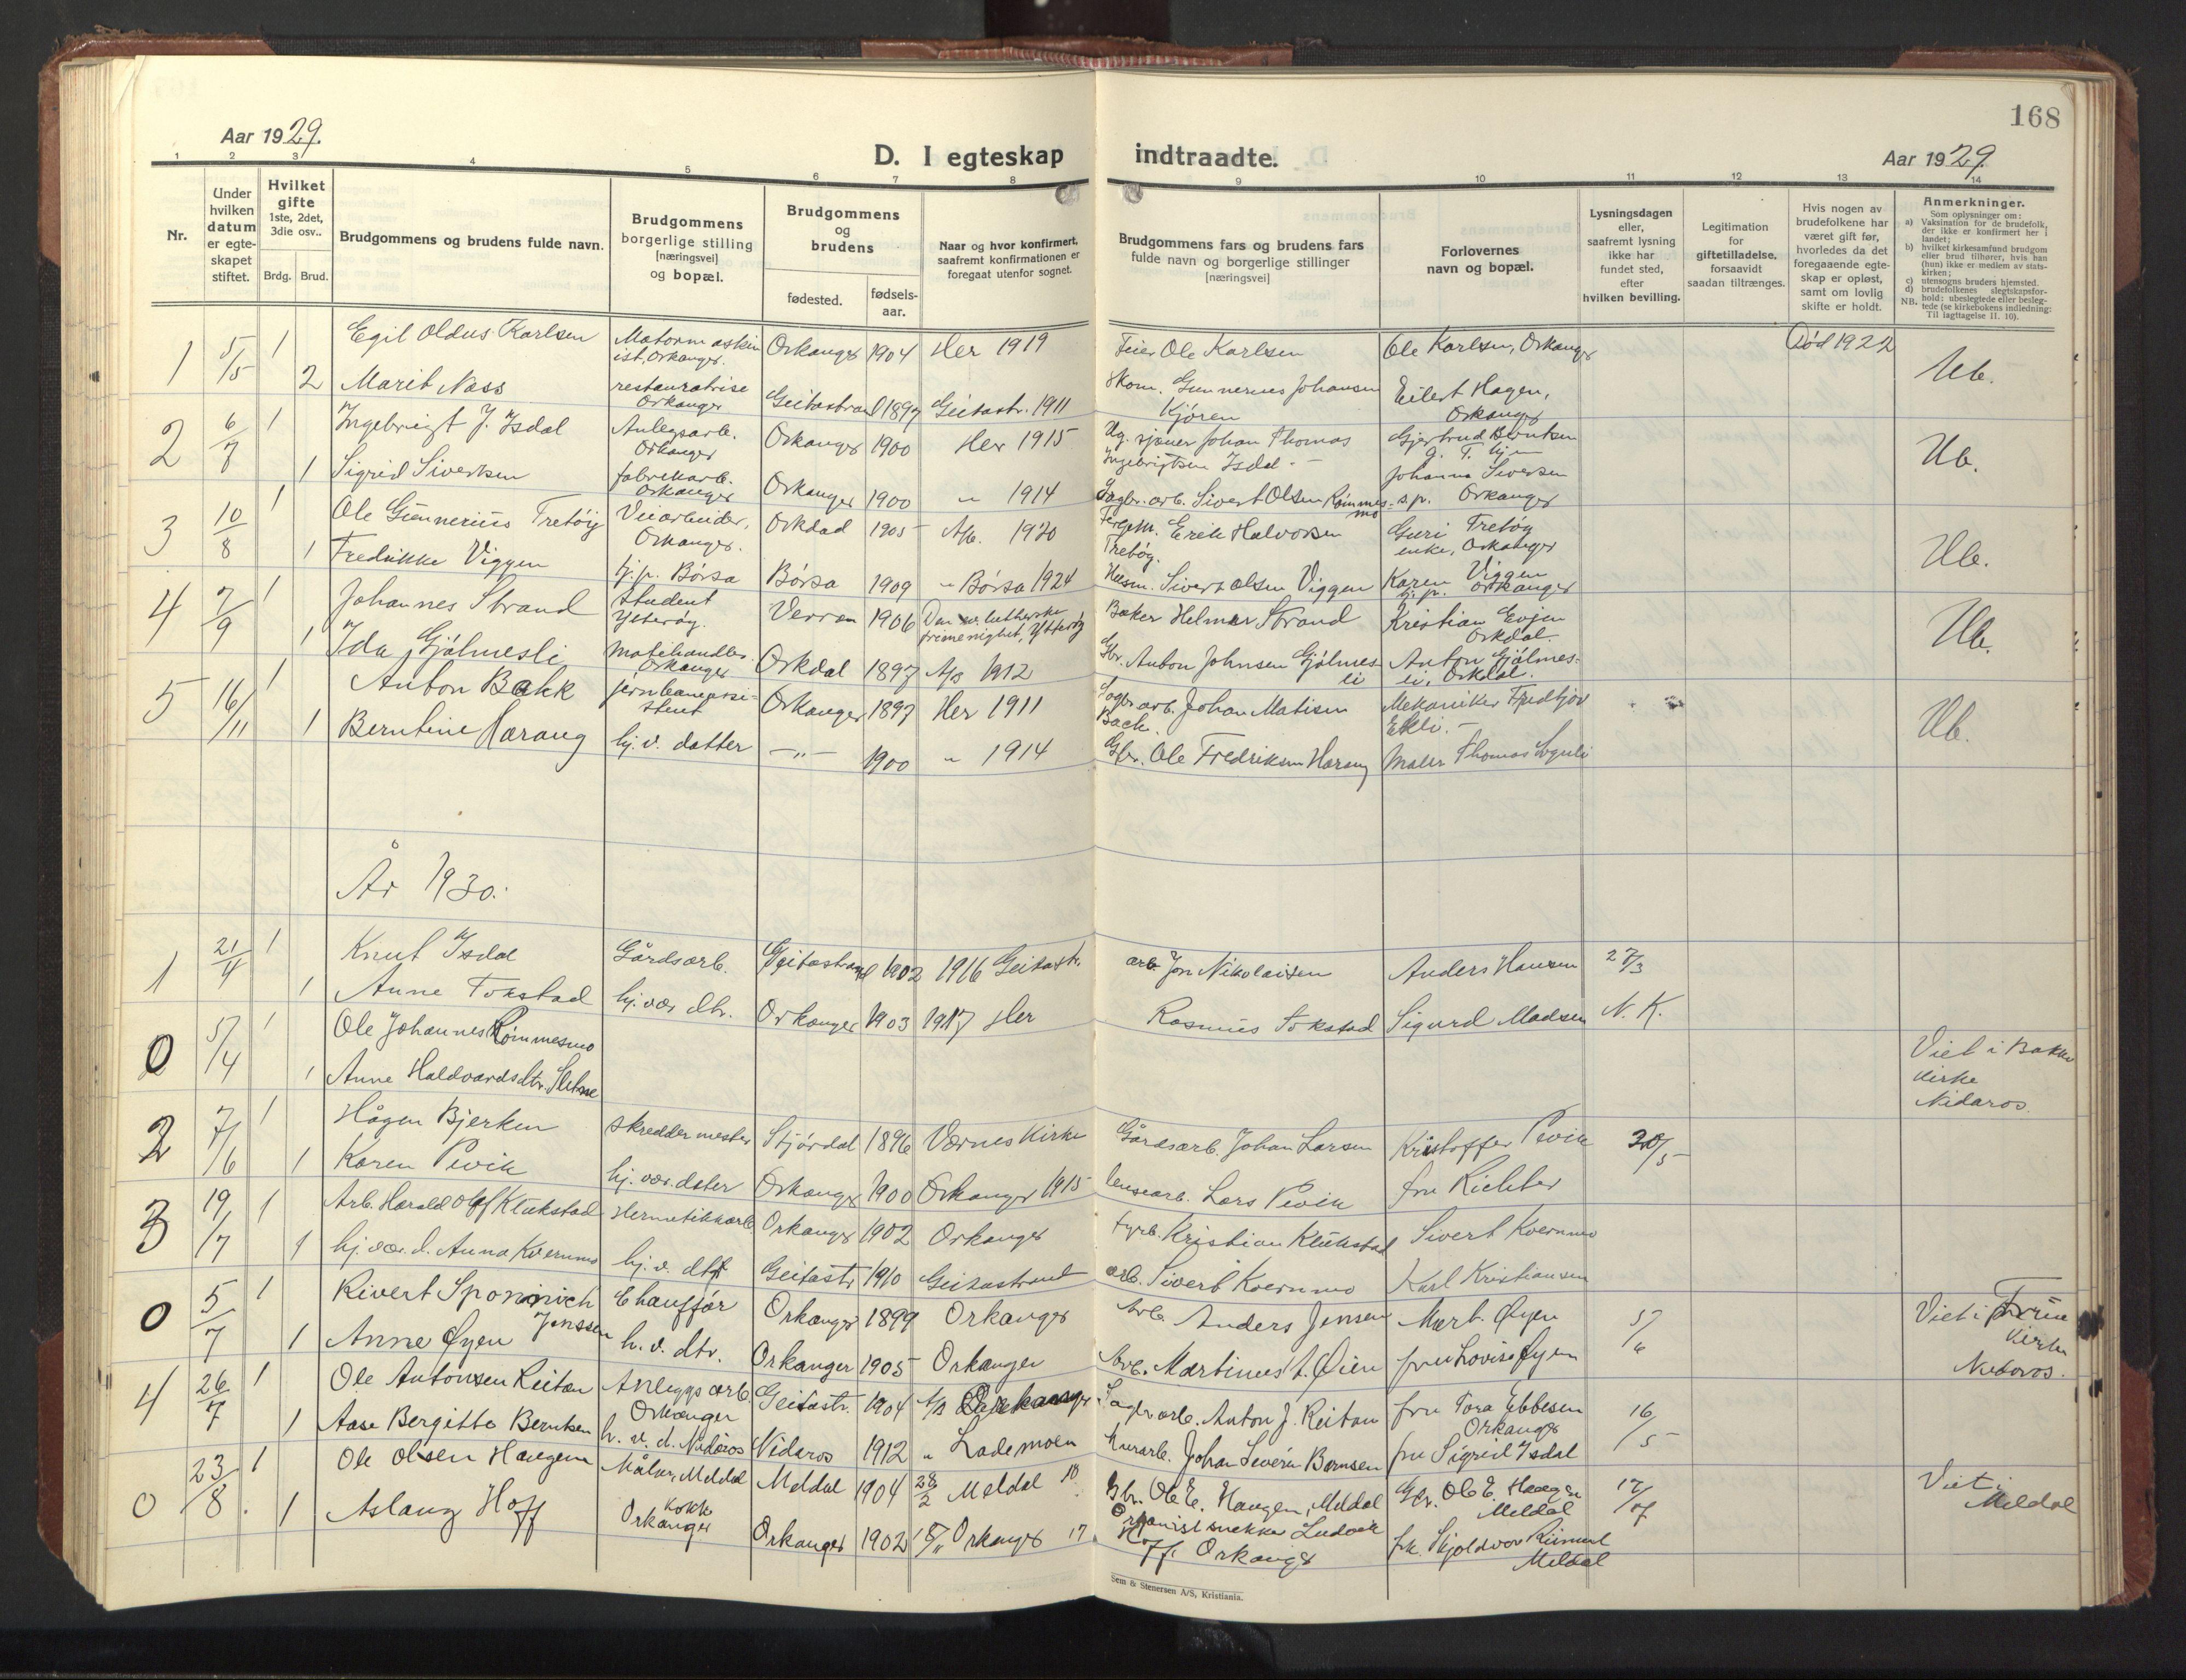 SAT, Ministerialprotokoller, klokkerbøker og fødselsregistre - Sør-Trøndelag, 669/L0832: Klokkerbok nr. 669C02, 1925-1953, s. 168